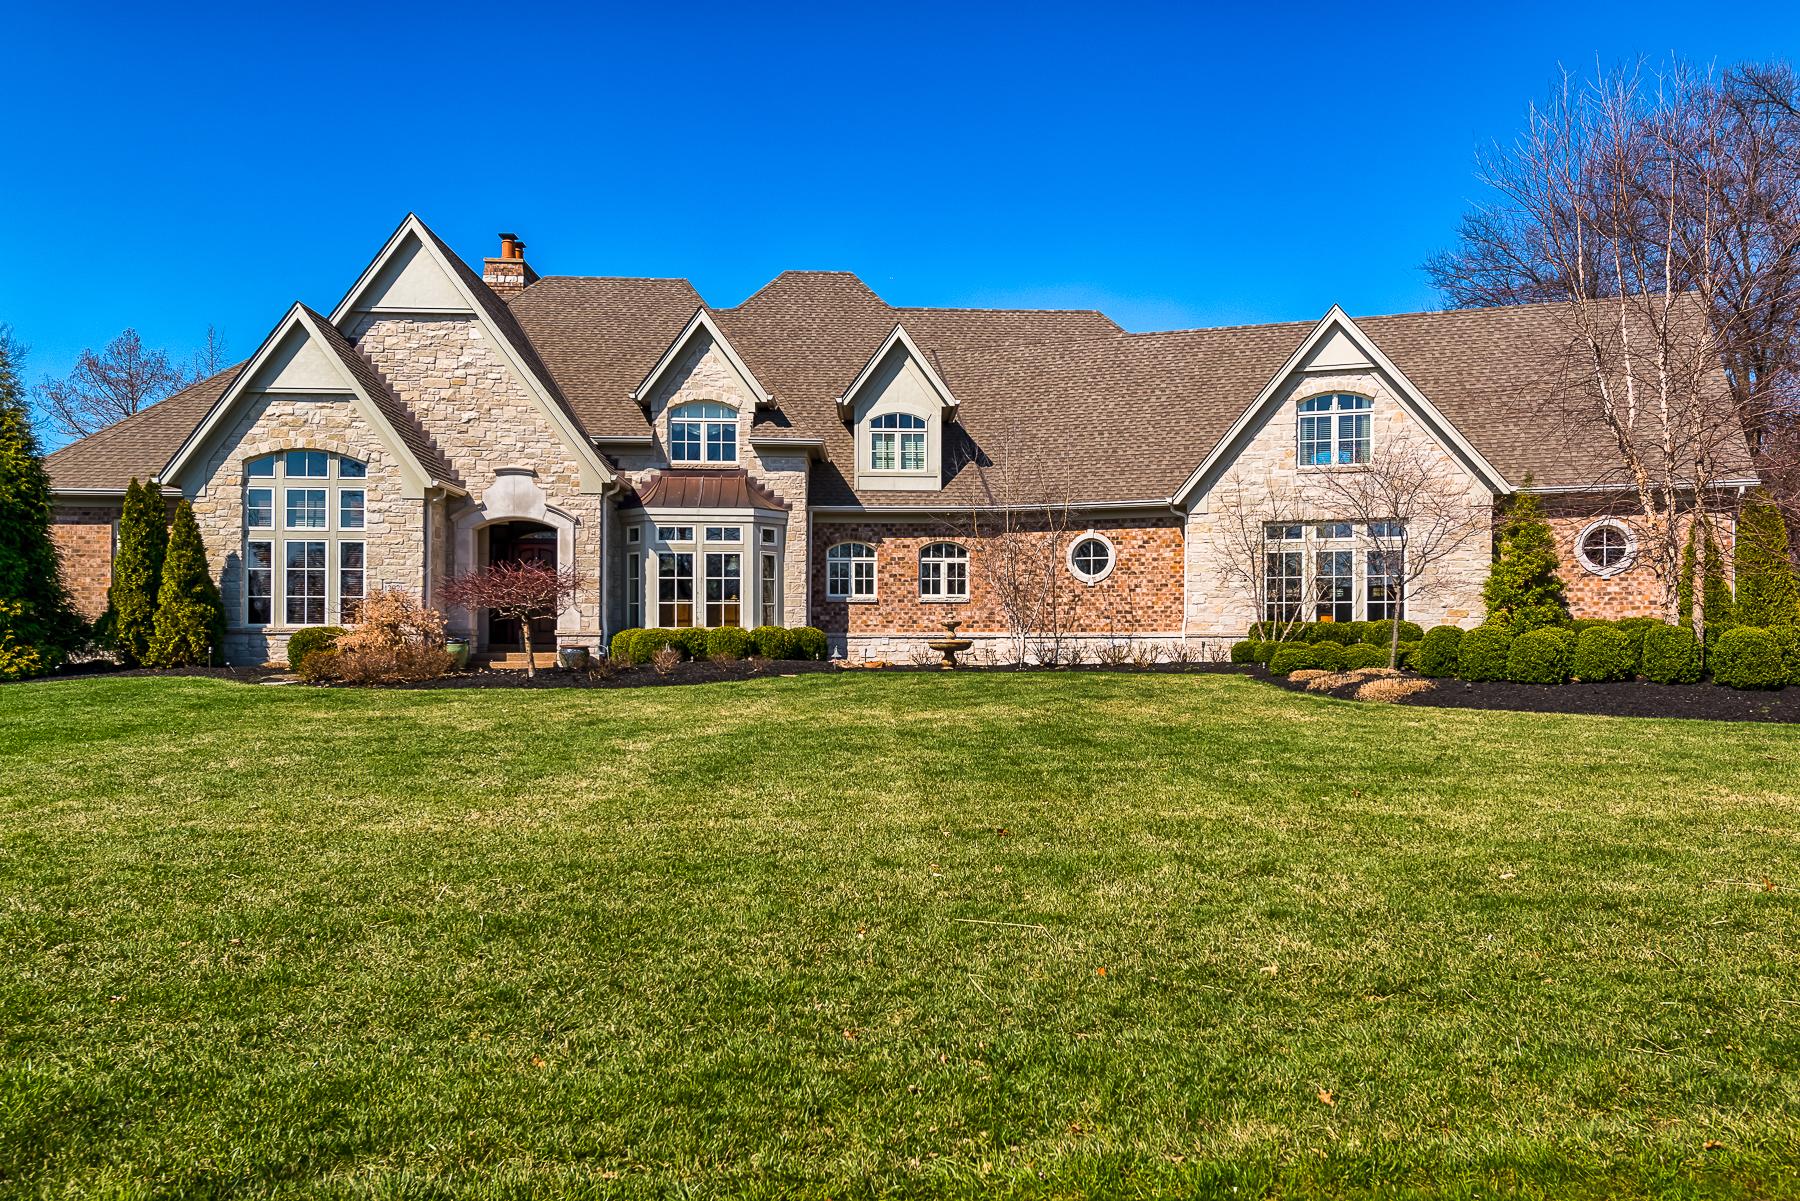 Tek Ailelik Ev için Satış at English Manor Luxury Home 12921 Timmor Ct St. Louis, Missouri 63131 Amerika Birleşik Devletleri